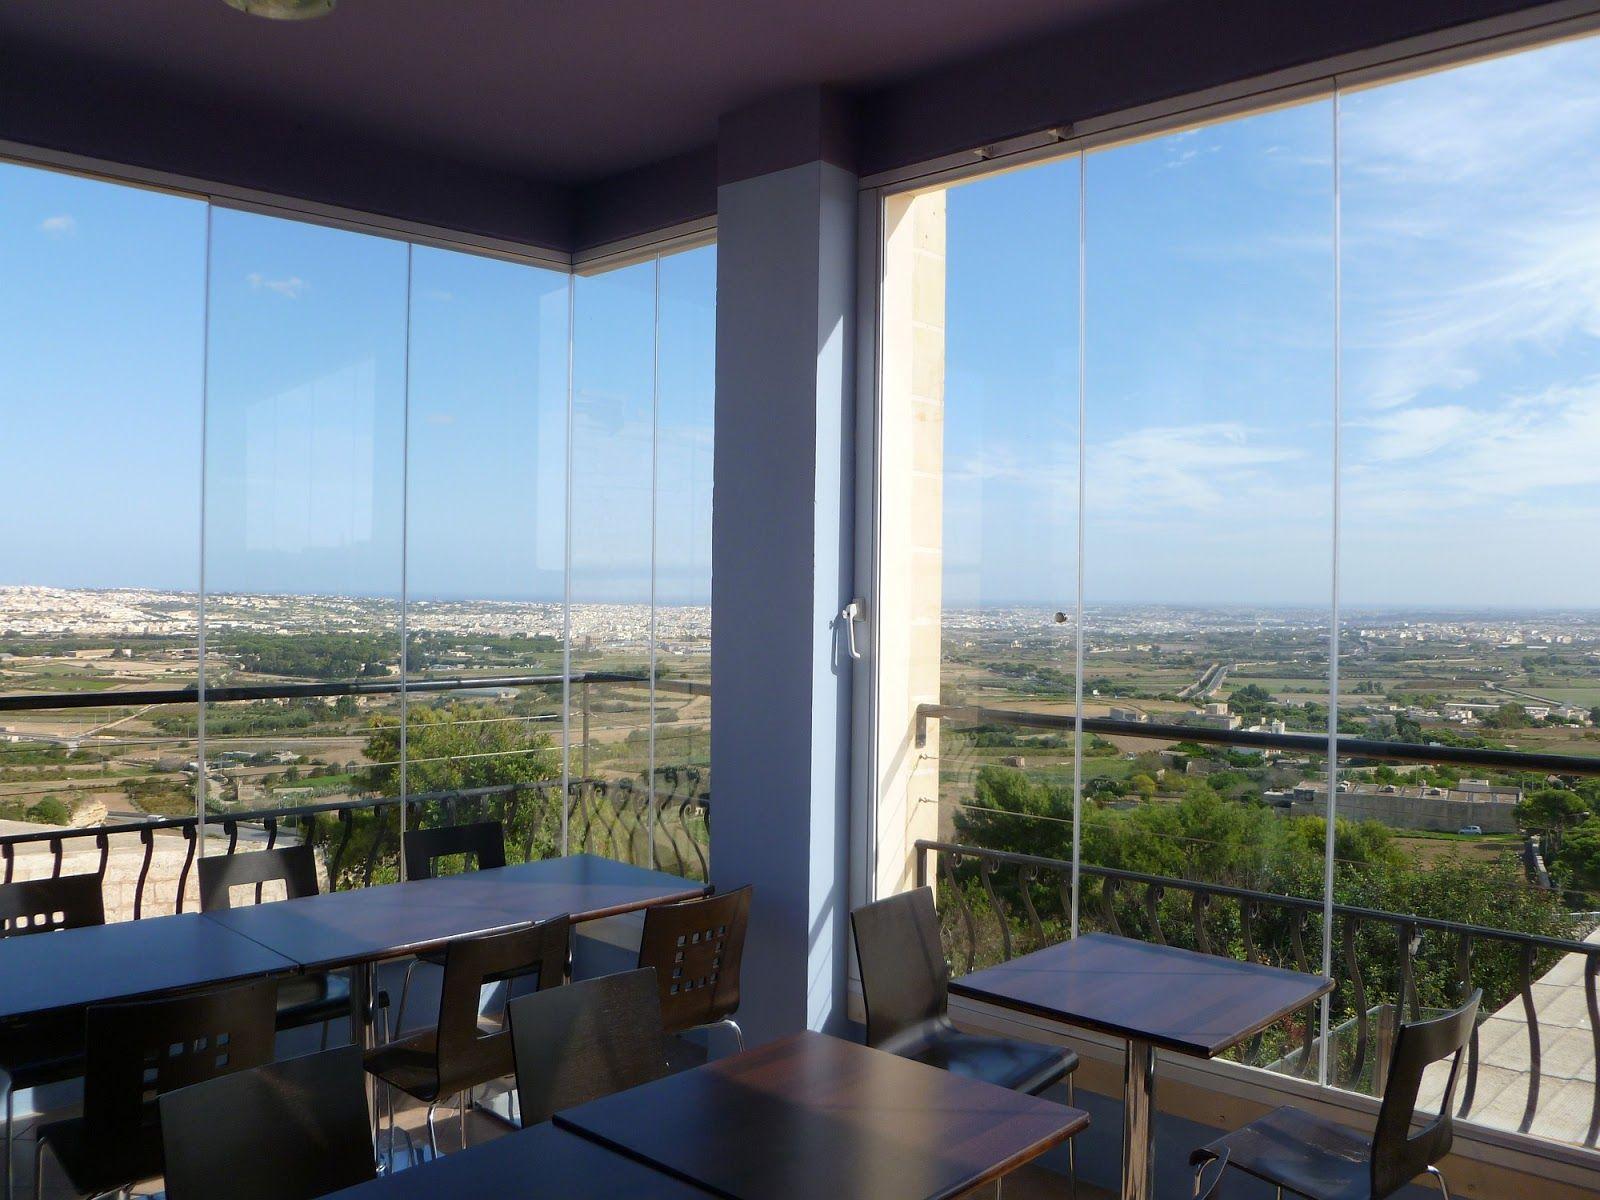 SunSeeker Doors News \u0026 Views Open Views with Frameless Glass Doors & SunSeeker Doors News \u0026 Views: Open Views with Frameless Glass Doors ...